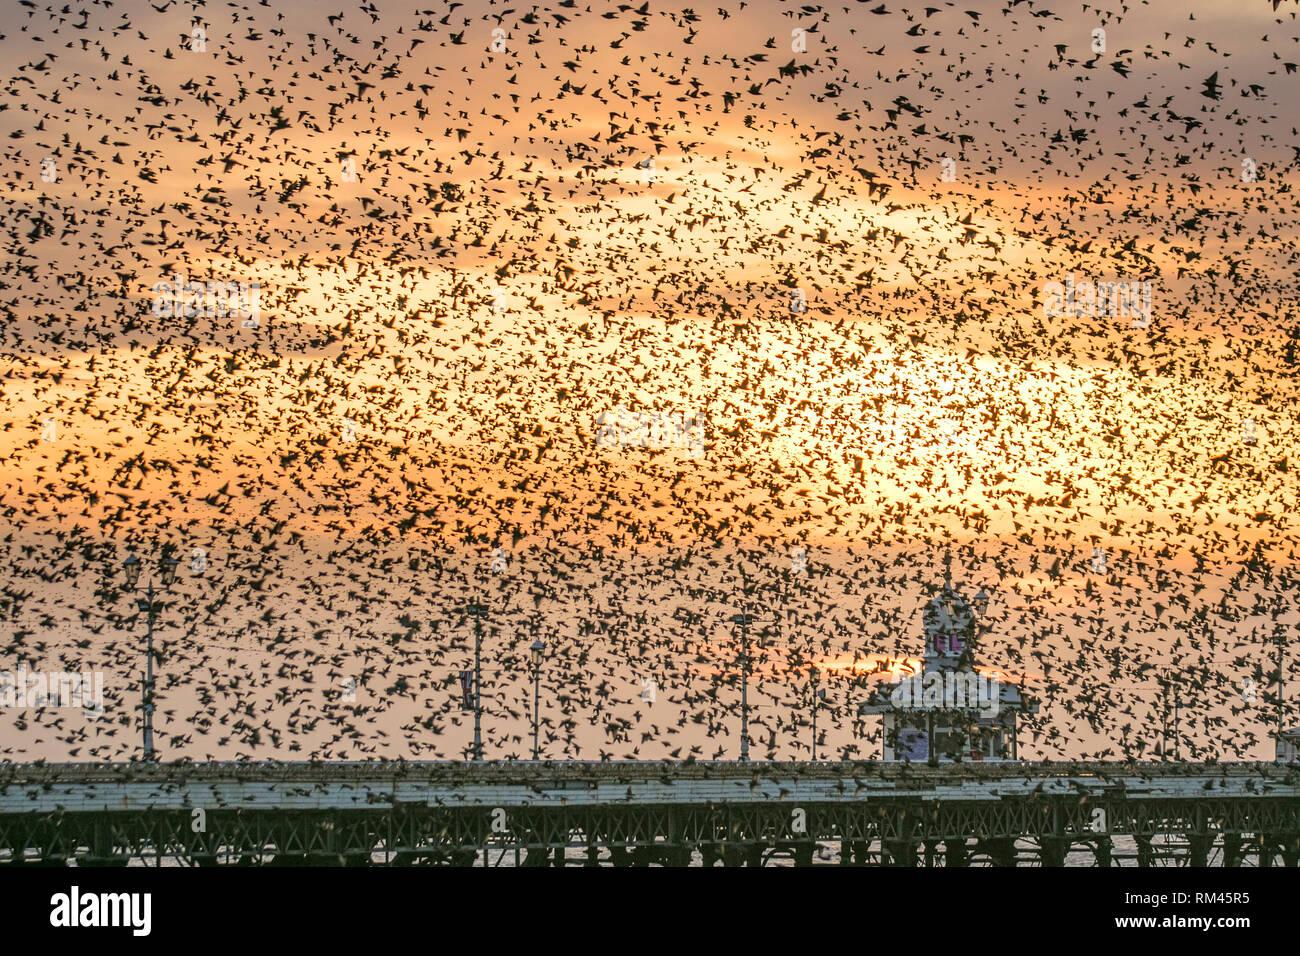 Blackpool, Lancashire. 13 février 2019. Un essaim de dizaines de milliers d'étourneaux se rassemblent pour se percher dans Blackpool's Victorian North Pier. Ces oiseaux étonnants mis sur un vol superbe affichage à l'un des seuls une poignée de leurs sites préférés dans tout le Royaume-Uni. Par temps calme, les énormes troupeaux de mumurating les étourneaux dont le nombre est estimé à 100 000 et prendre la relève sur le rivage avant de se percher. Les troupeaux sont jointes à cette époque de l'année par les oiseaux migrateurs du continent de l'Europe à la recherche d'un abri contre le froid et le sud. Credit: MediaWorld Images/Alamy Live New Photo Stock